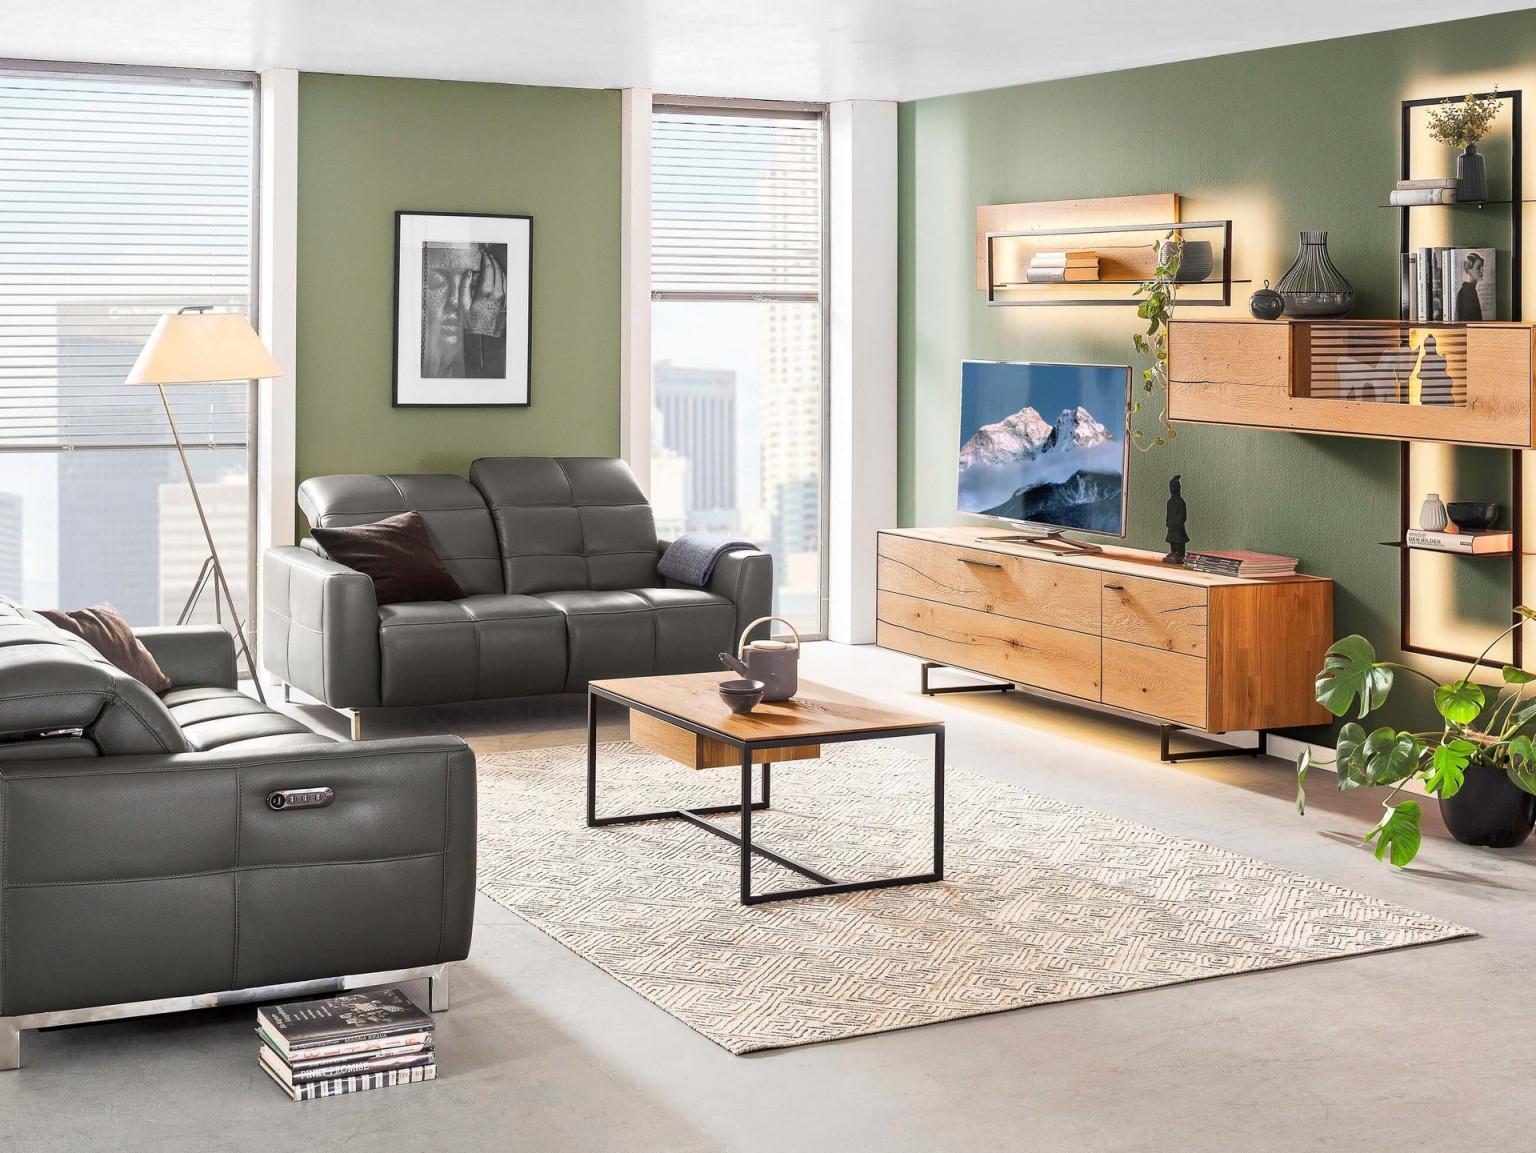 Kleines Wohnzimmer Gemütlich Und Clever Einrichten von Kleines Wohnzimmer Gemütlich Gestalten Bild